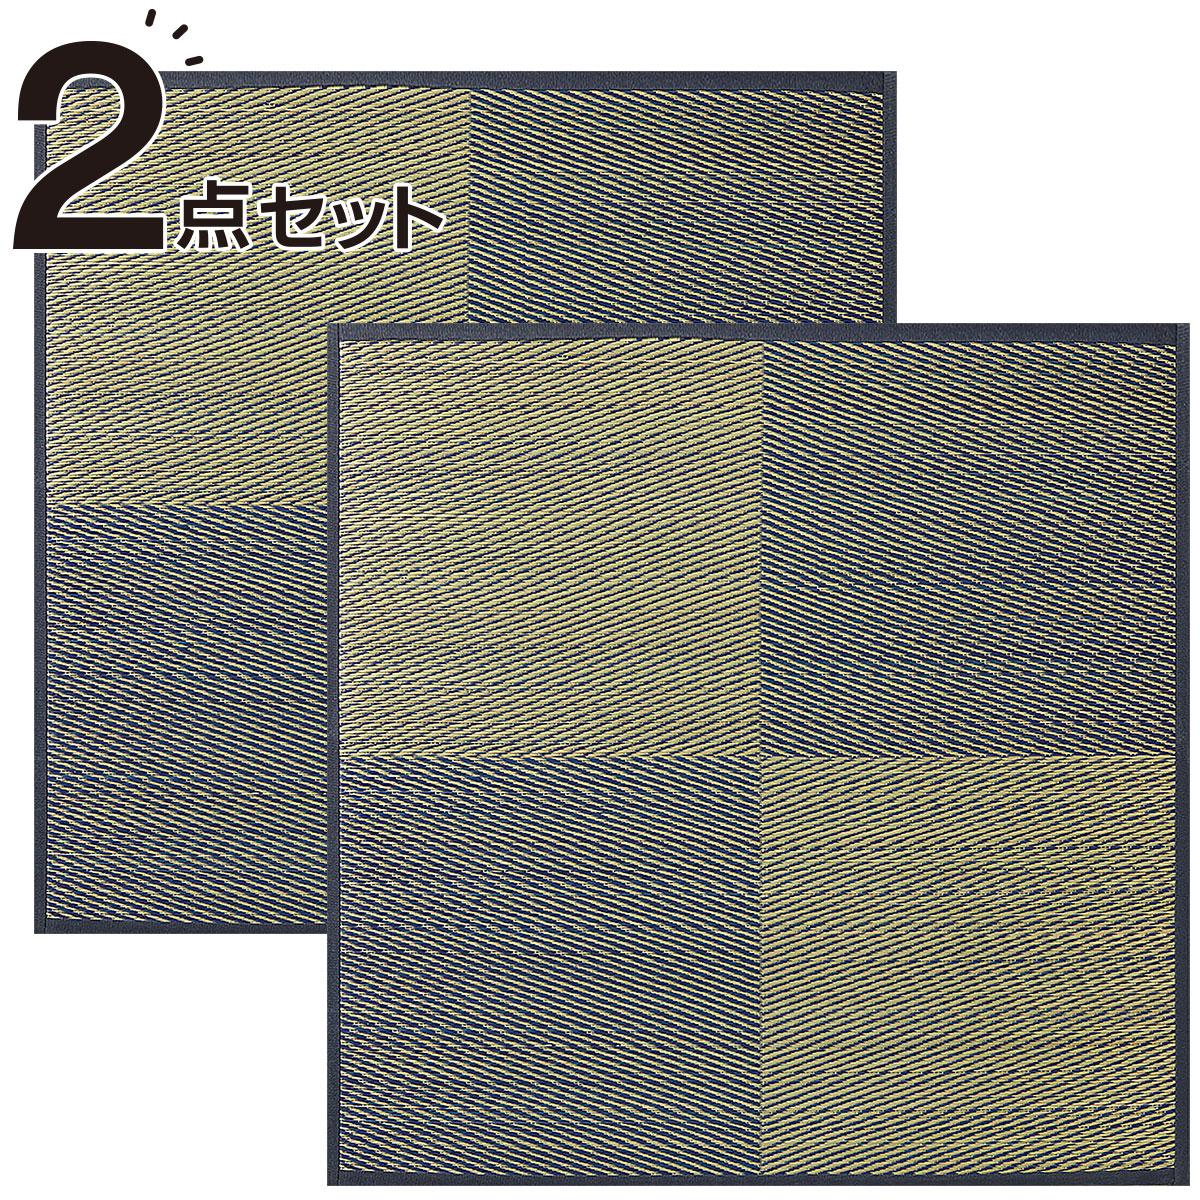 ユニット畳 2点セット(チェックBL f 82X82) ニトリ 【玄関先迄納品】 【1年保証】